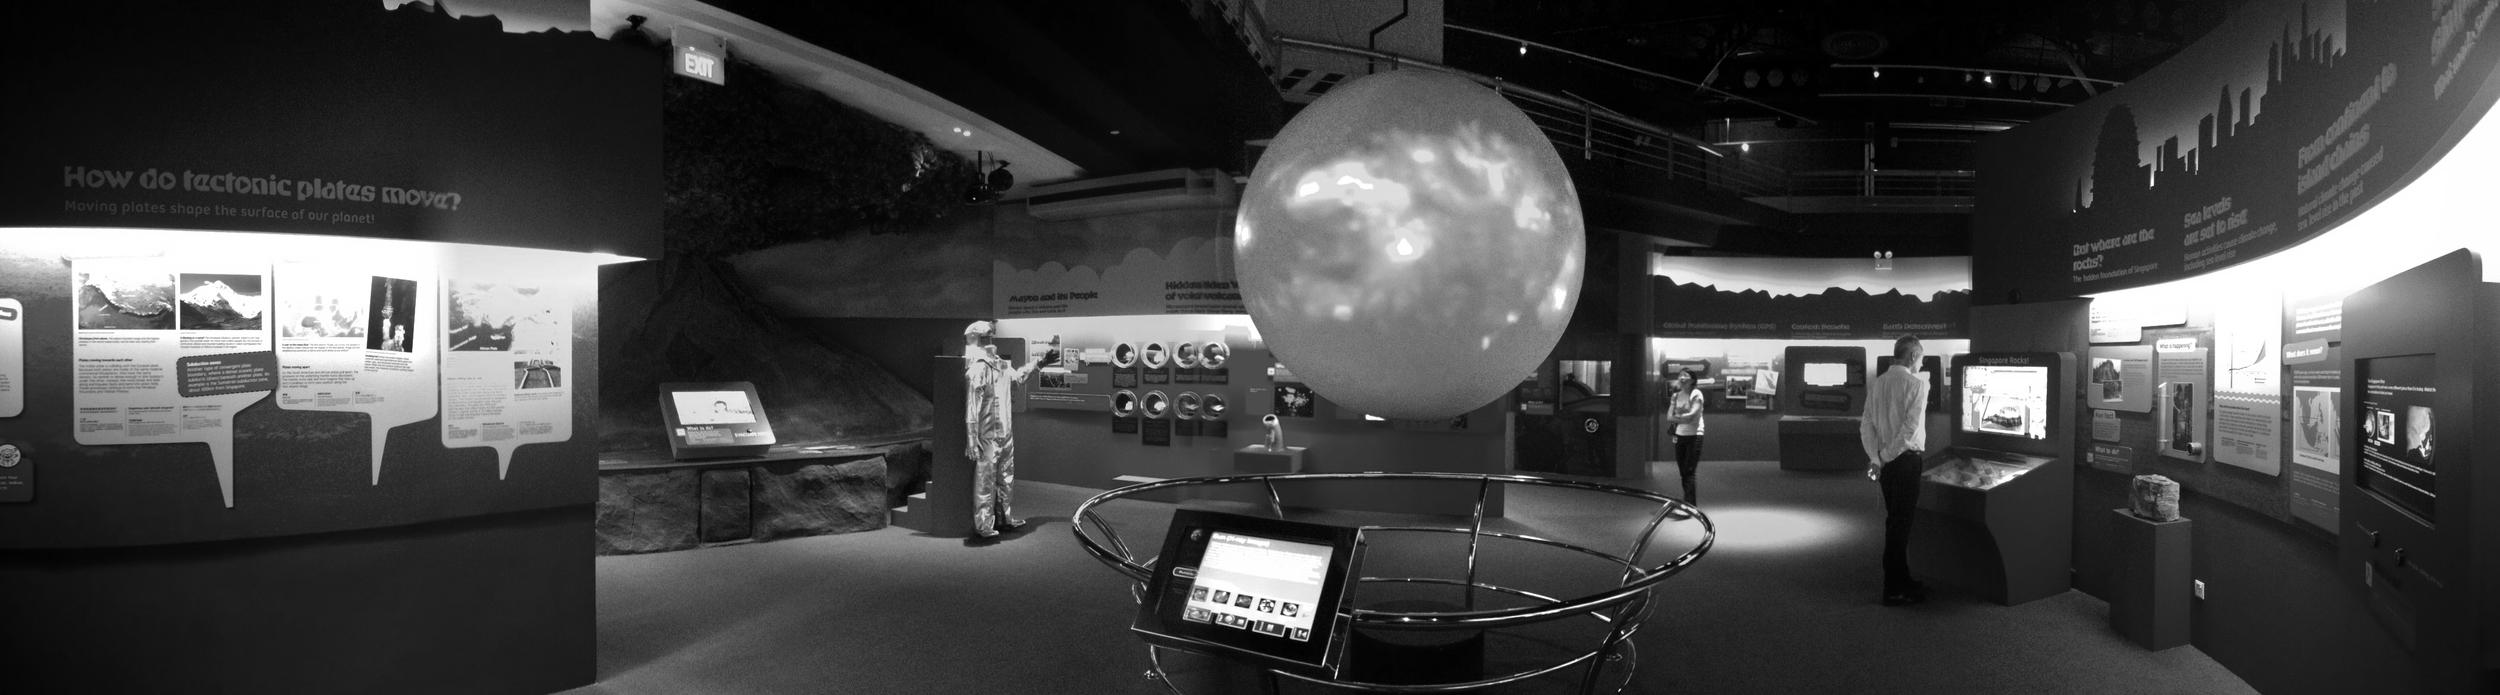 Earth Sciences Exhibition